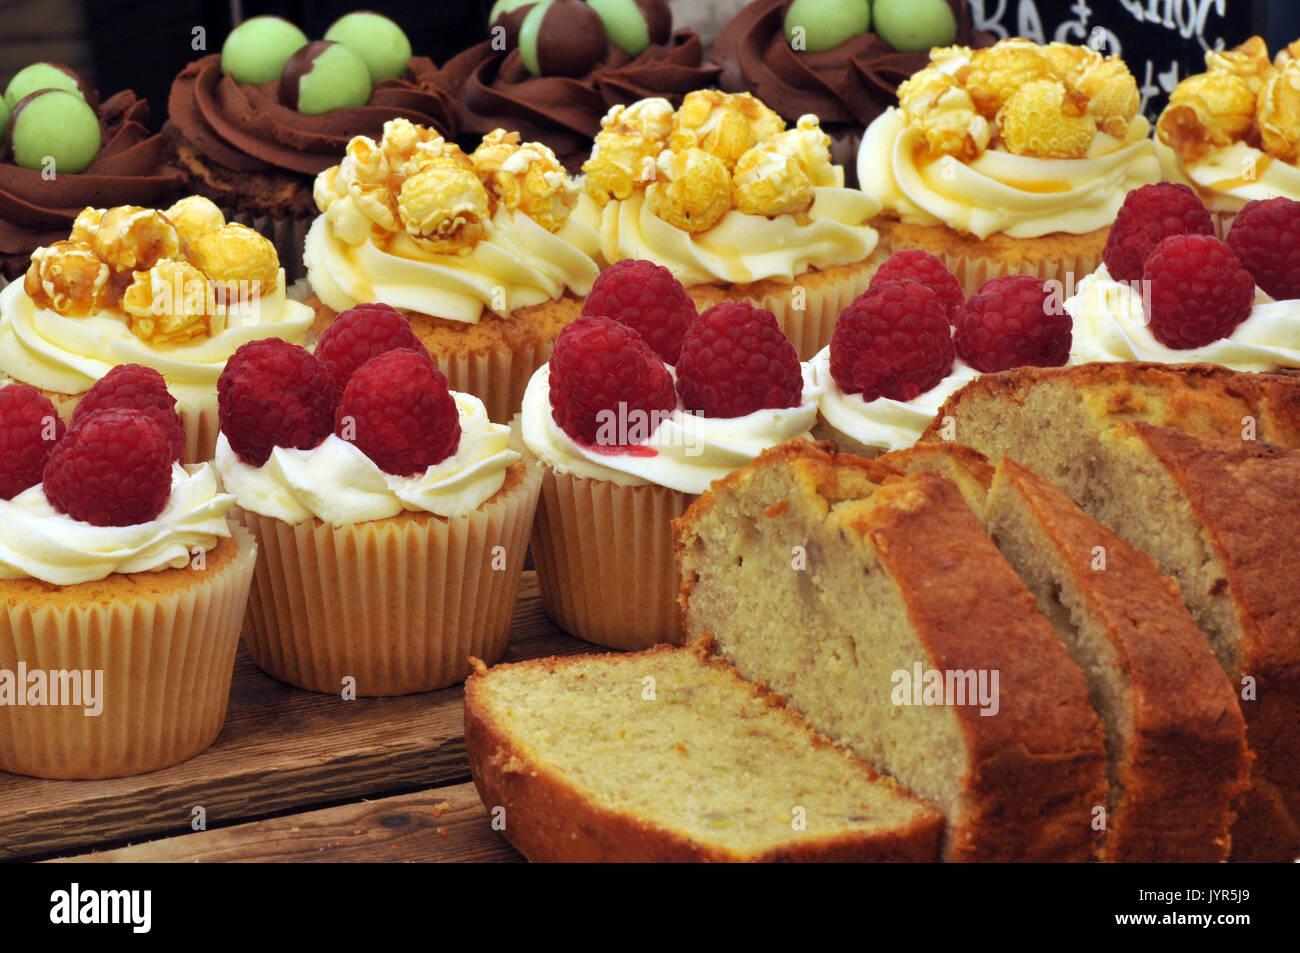 Einige Glutenfreie sticky Cream und vereist Vereisung Kuchen auf Anzeige auf einen Kuchen, süßen zuckerhaltigen Produkten stehen zum Verkauf sehr verlockend, Wüsten und Konfekt Stockbild